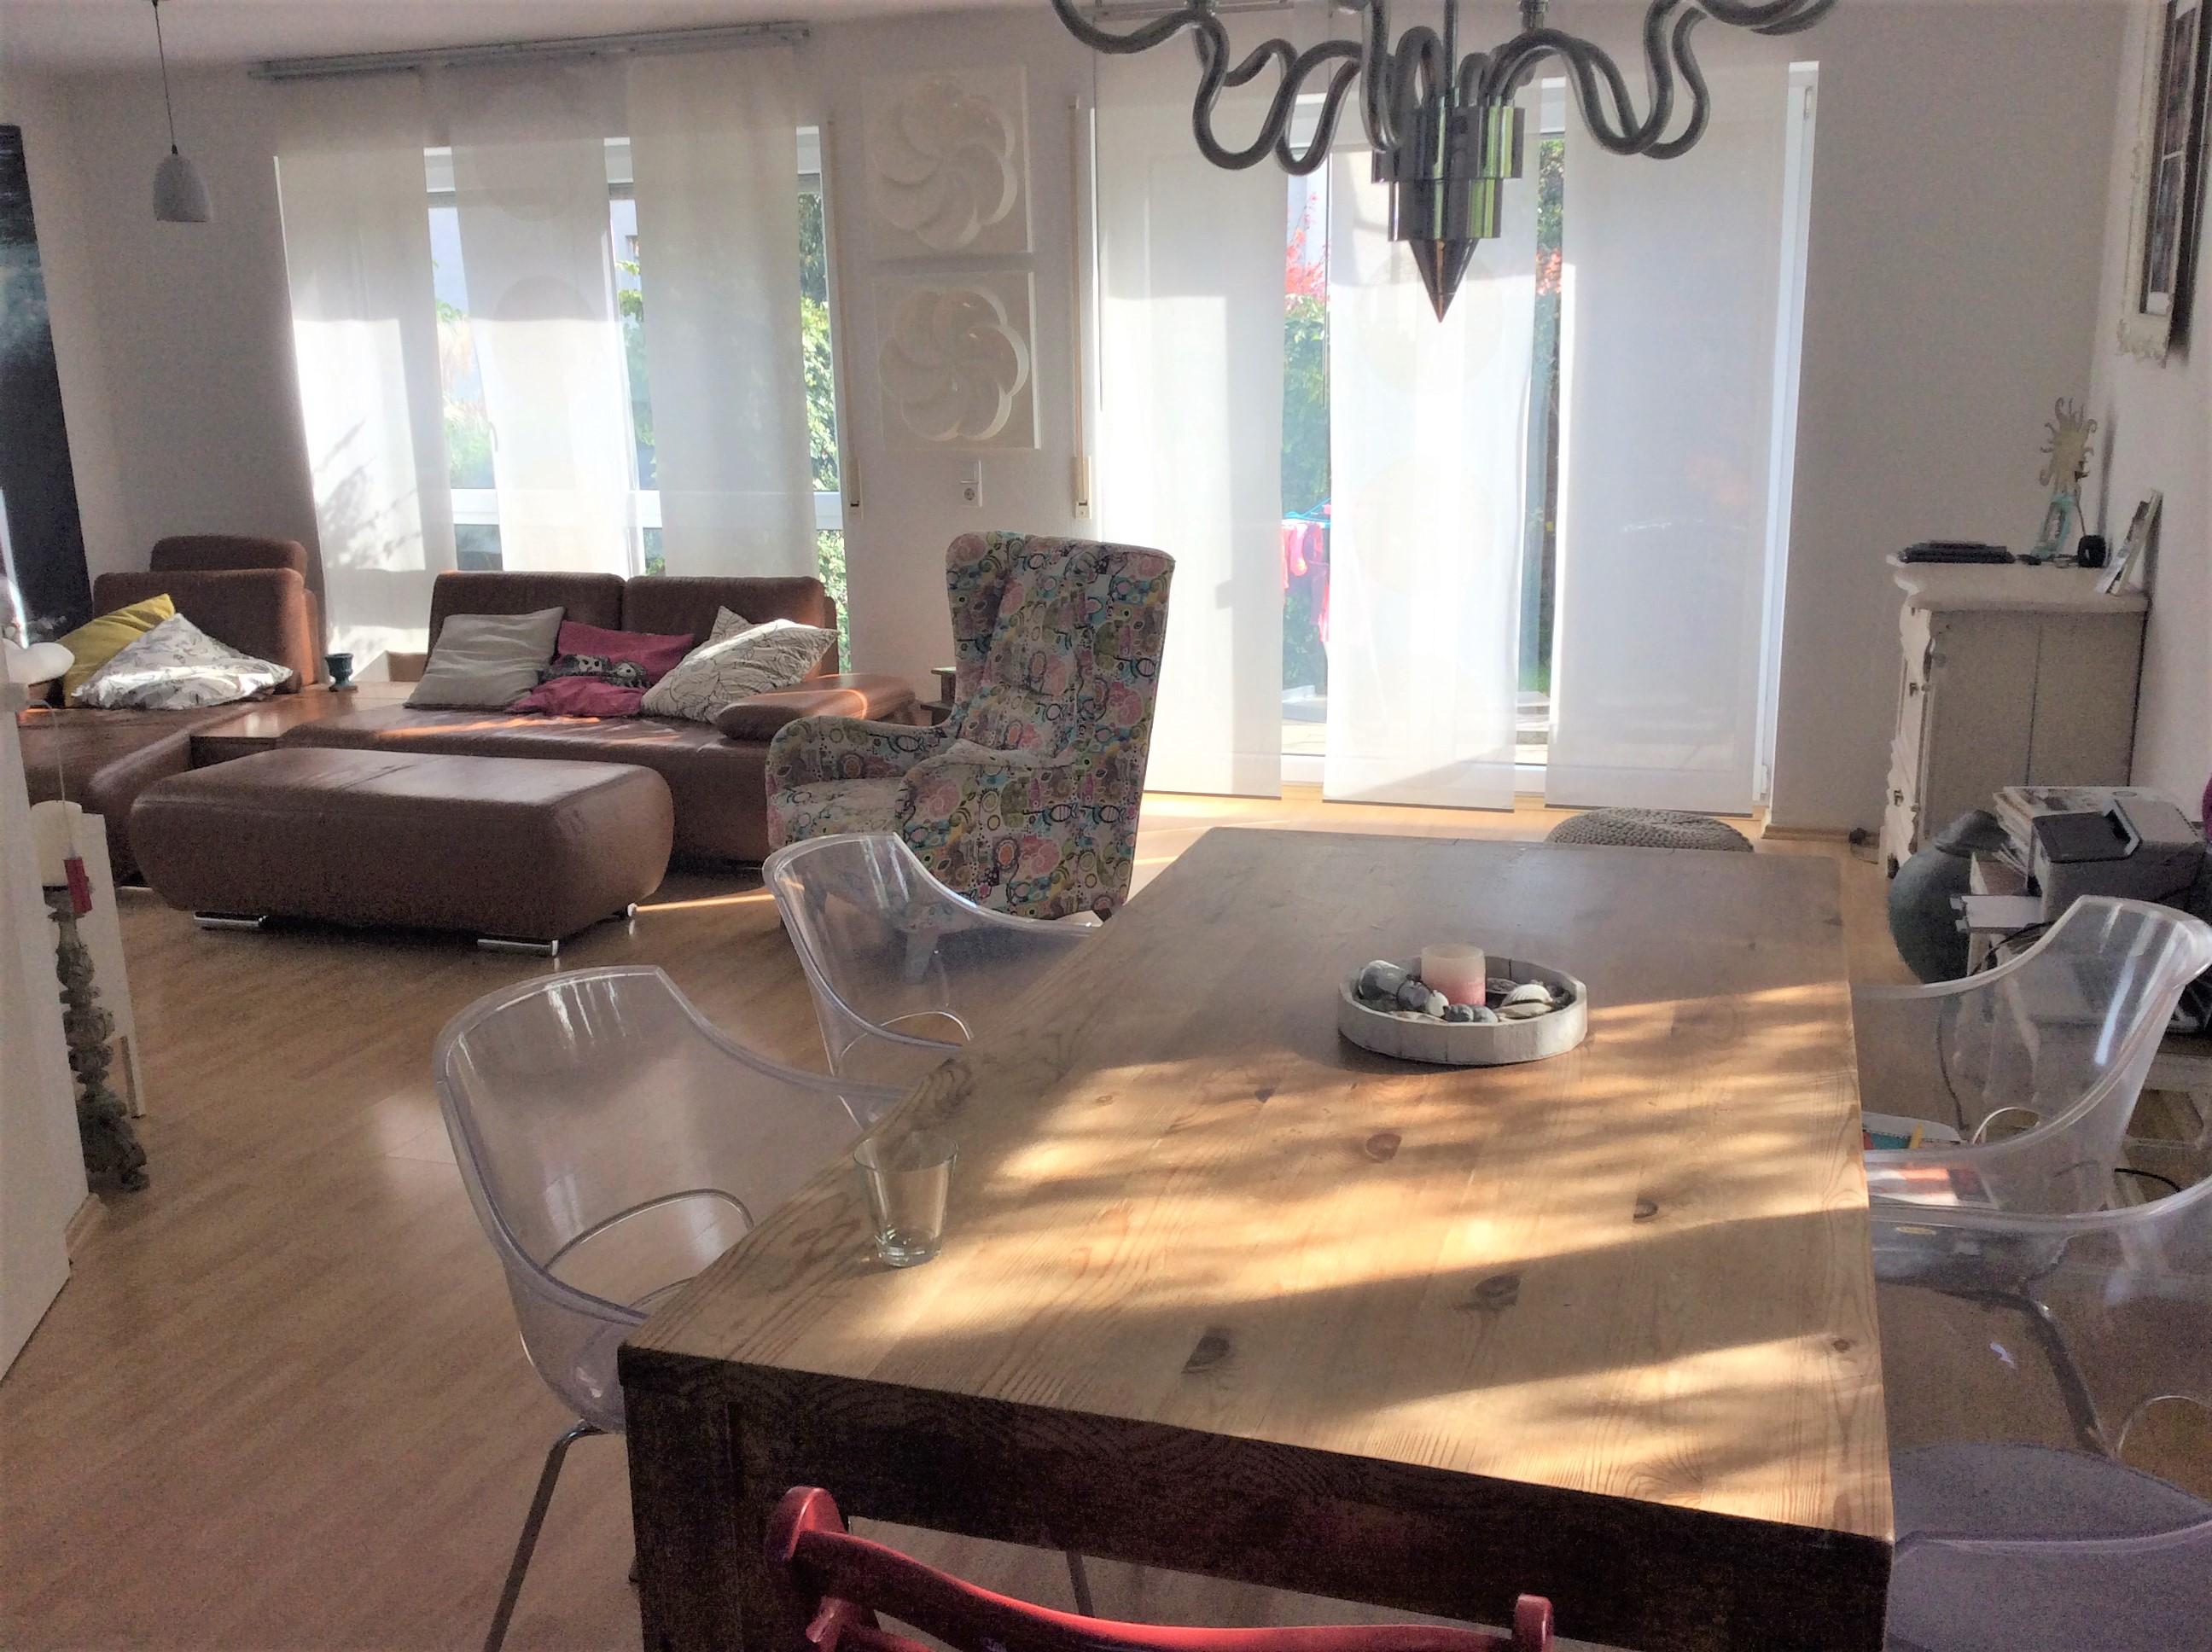 immobilien wohnung haus provisionfrei kaufen und mieten neu ulm pfuhl burlafingen ulm. Black Bedroom Furniture Sets. Home Design Ideas